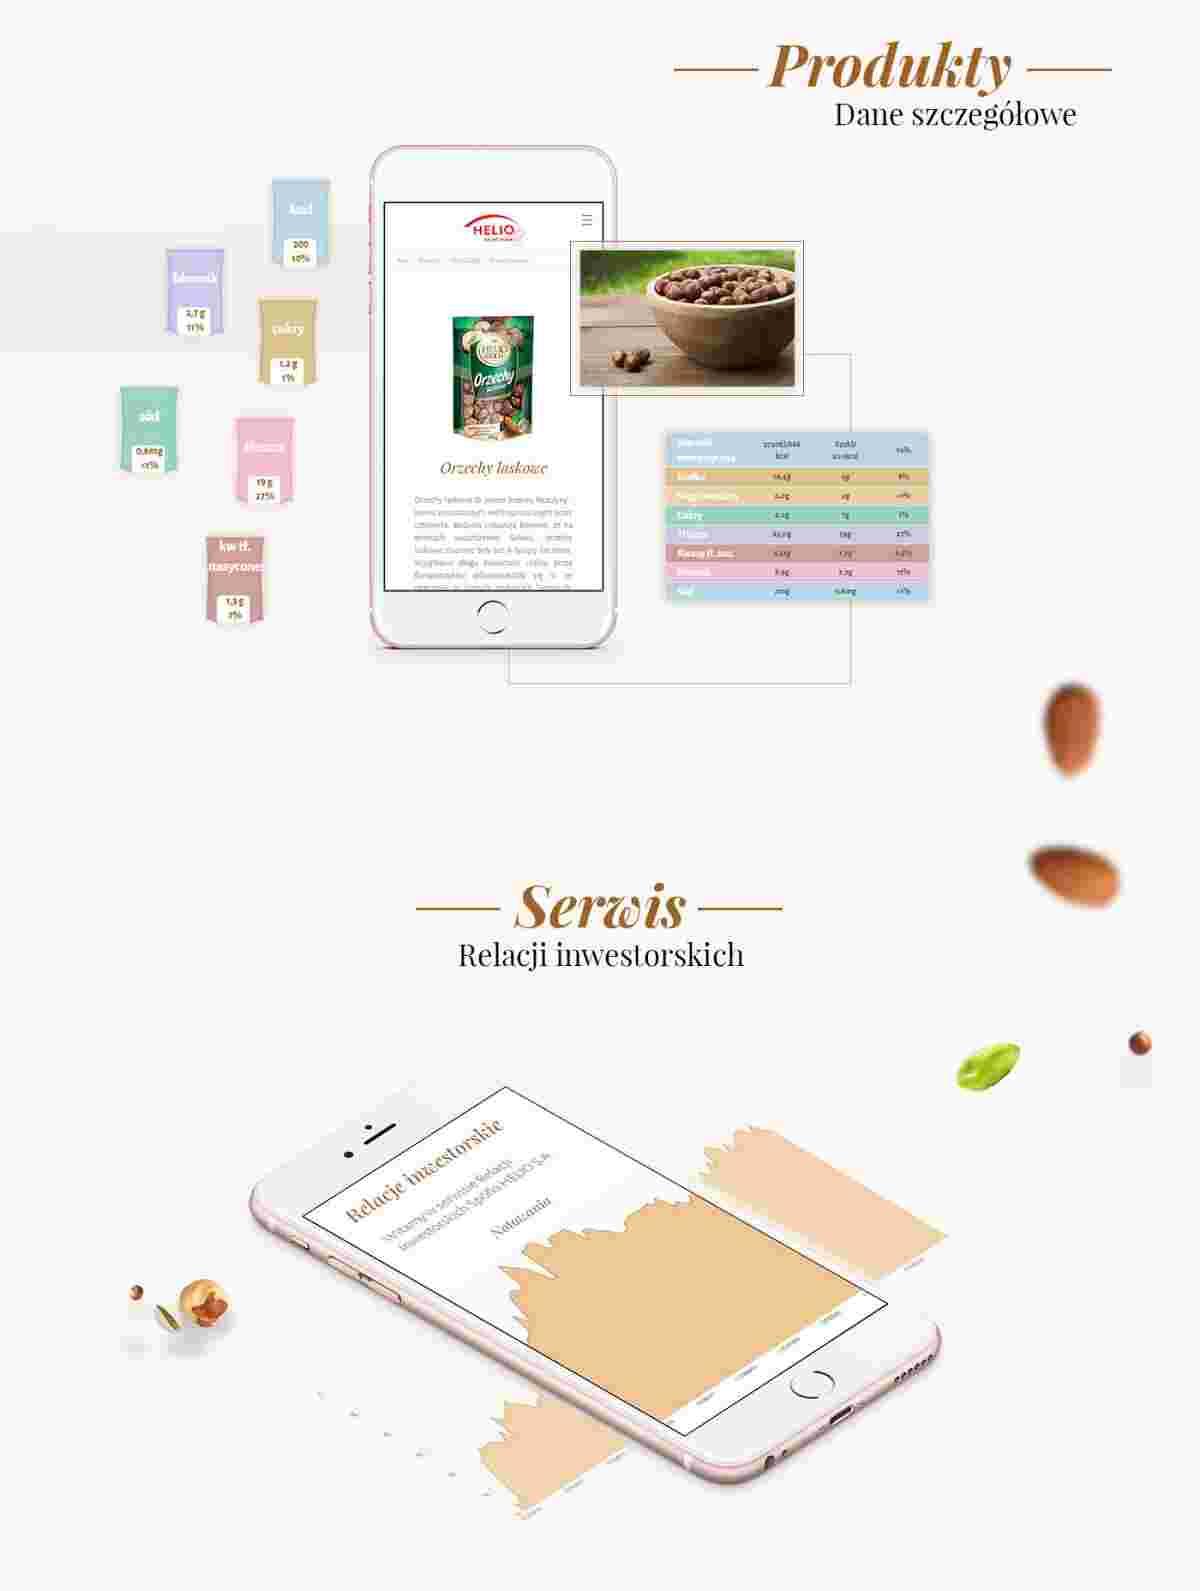 veneo_www2017_portfolio_helio_20170821_3